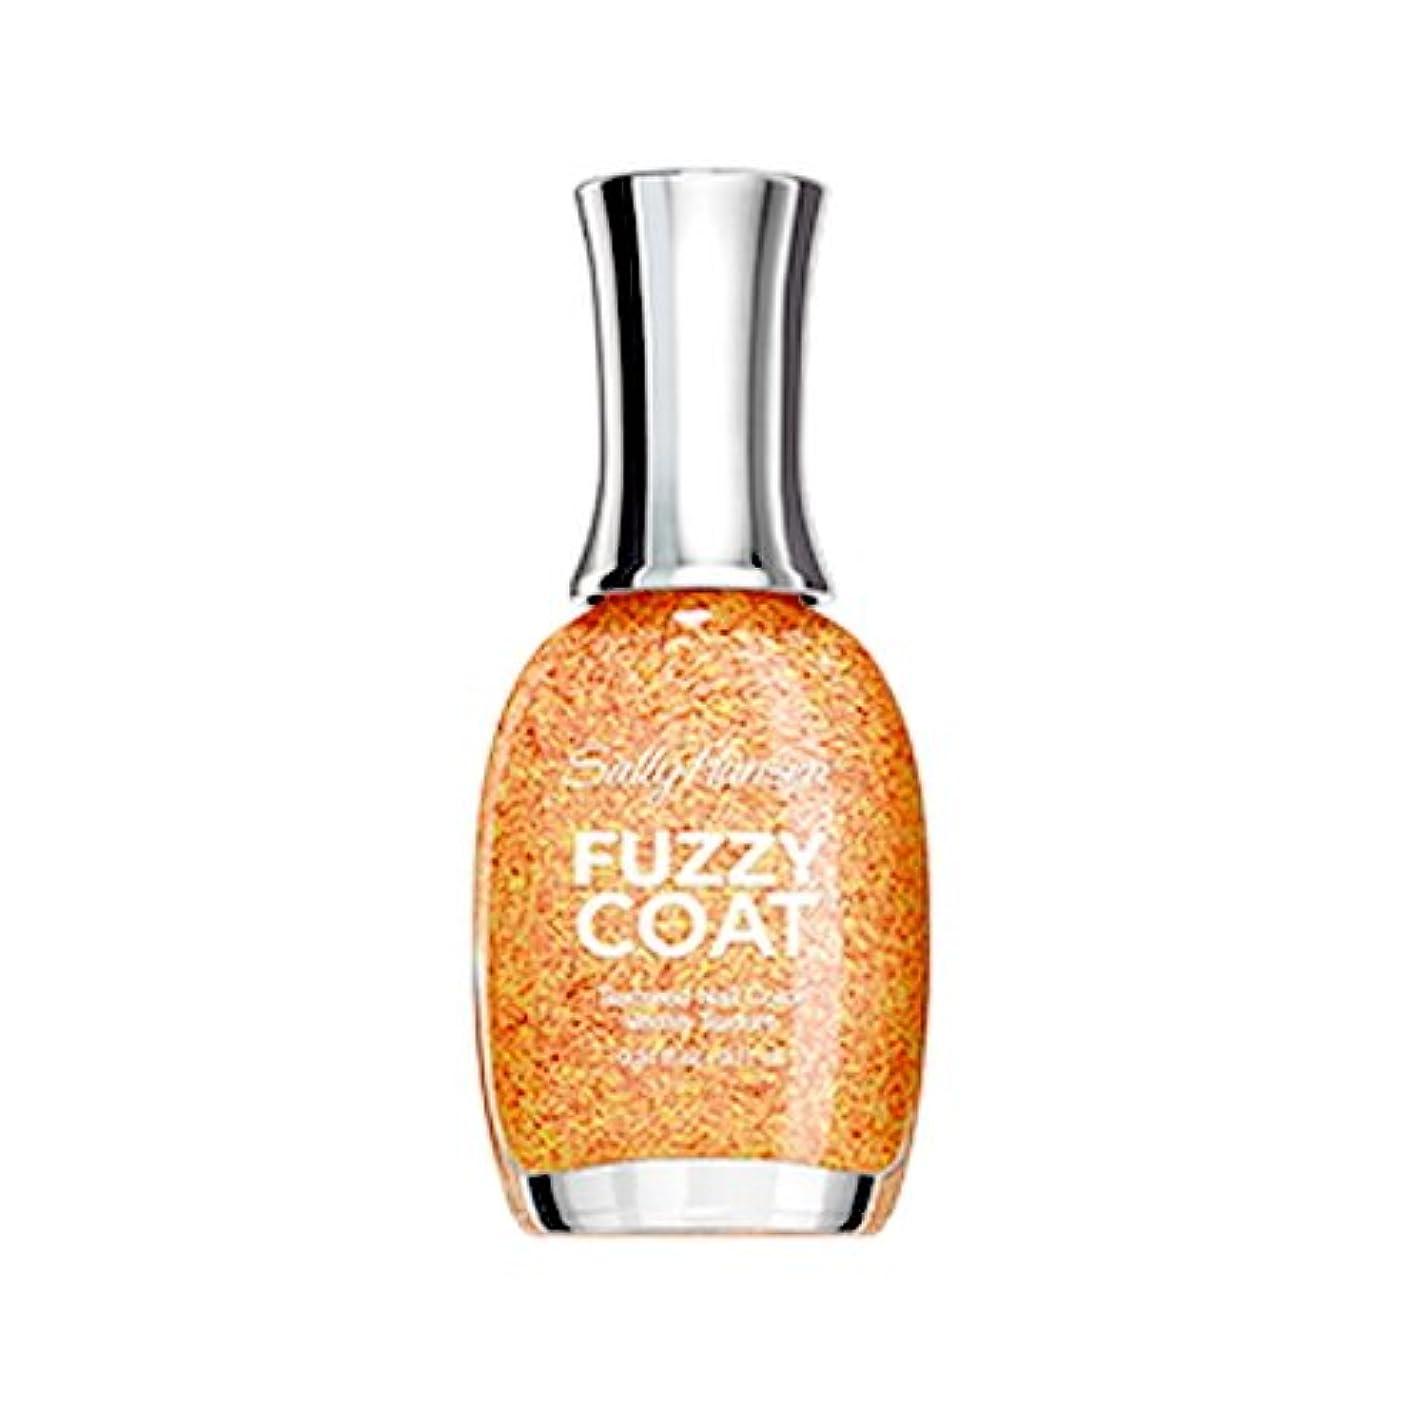 その後透過性させる(6 Pack) SALLY HANSEN Fuzzy Coat Special Effect Textured Nail Color - Peach Fuzz (並行輸入品)